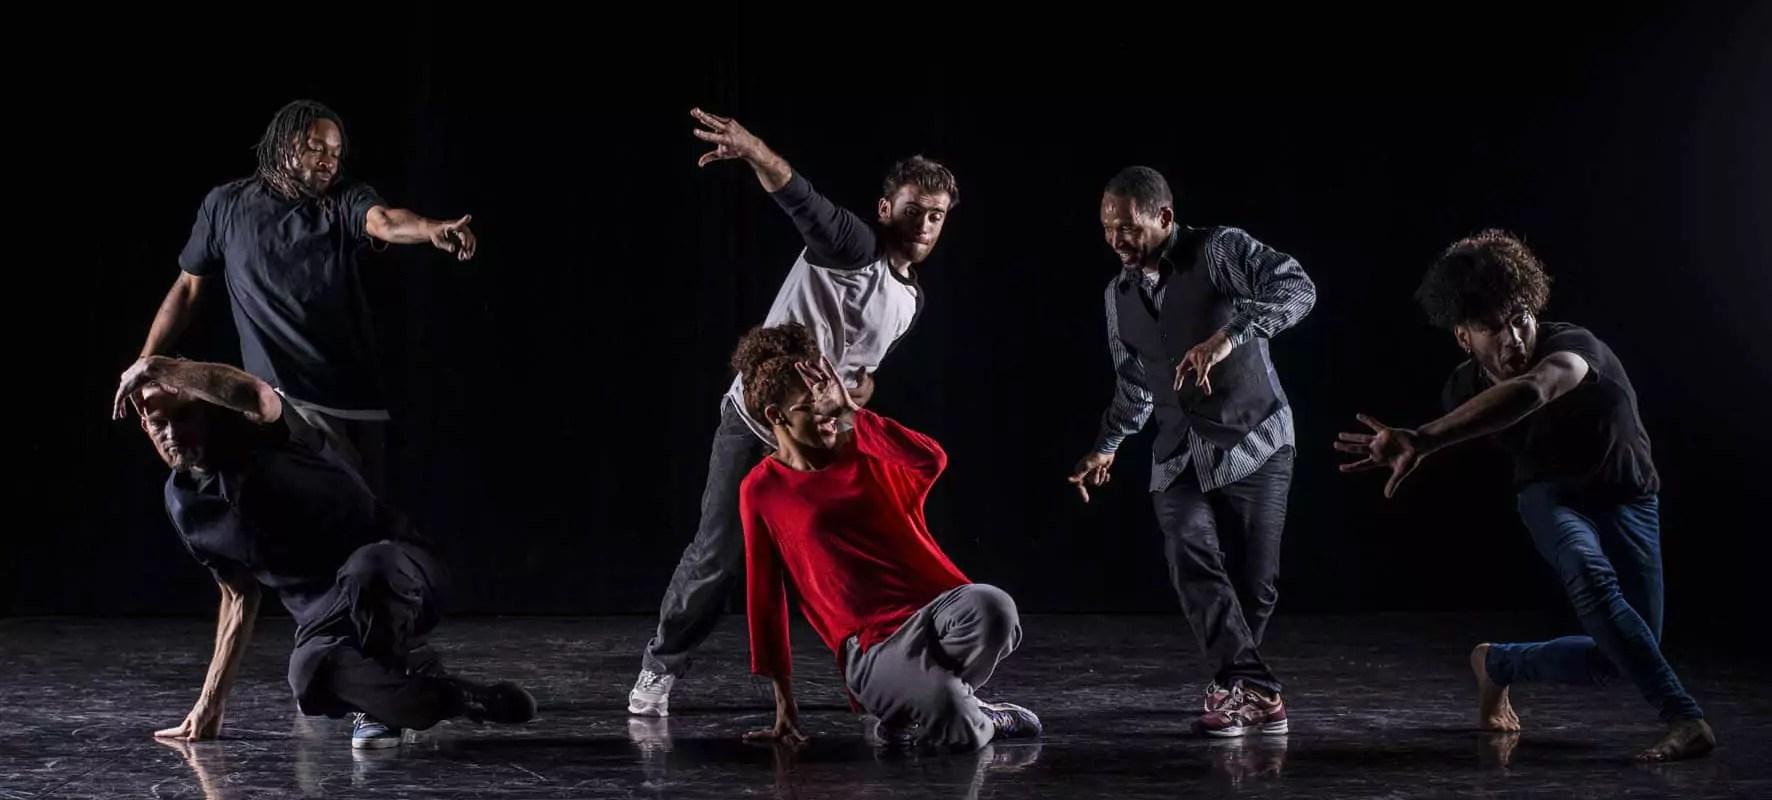 Amala Dianor mixe les générations de la danse Hip Hop à Pôle Sud